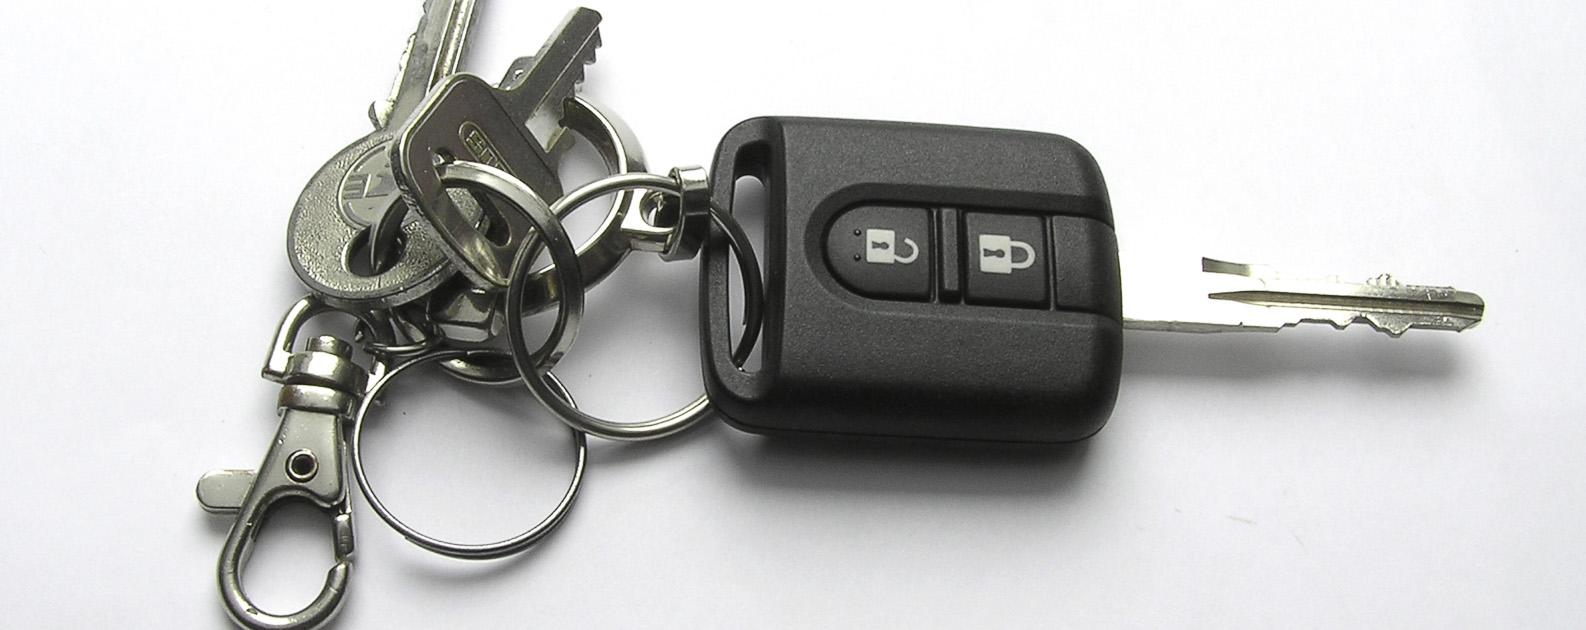 Buick Motor Vehicle Locksmith In NY Metro Area